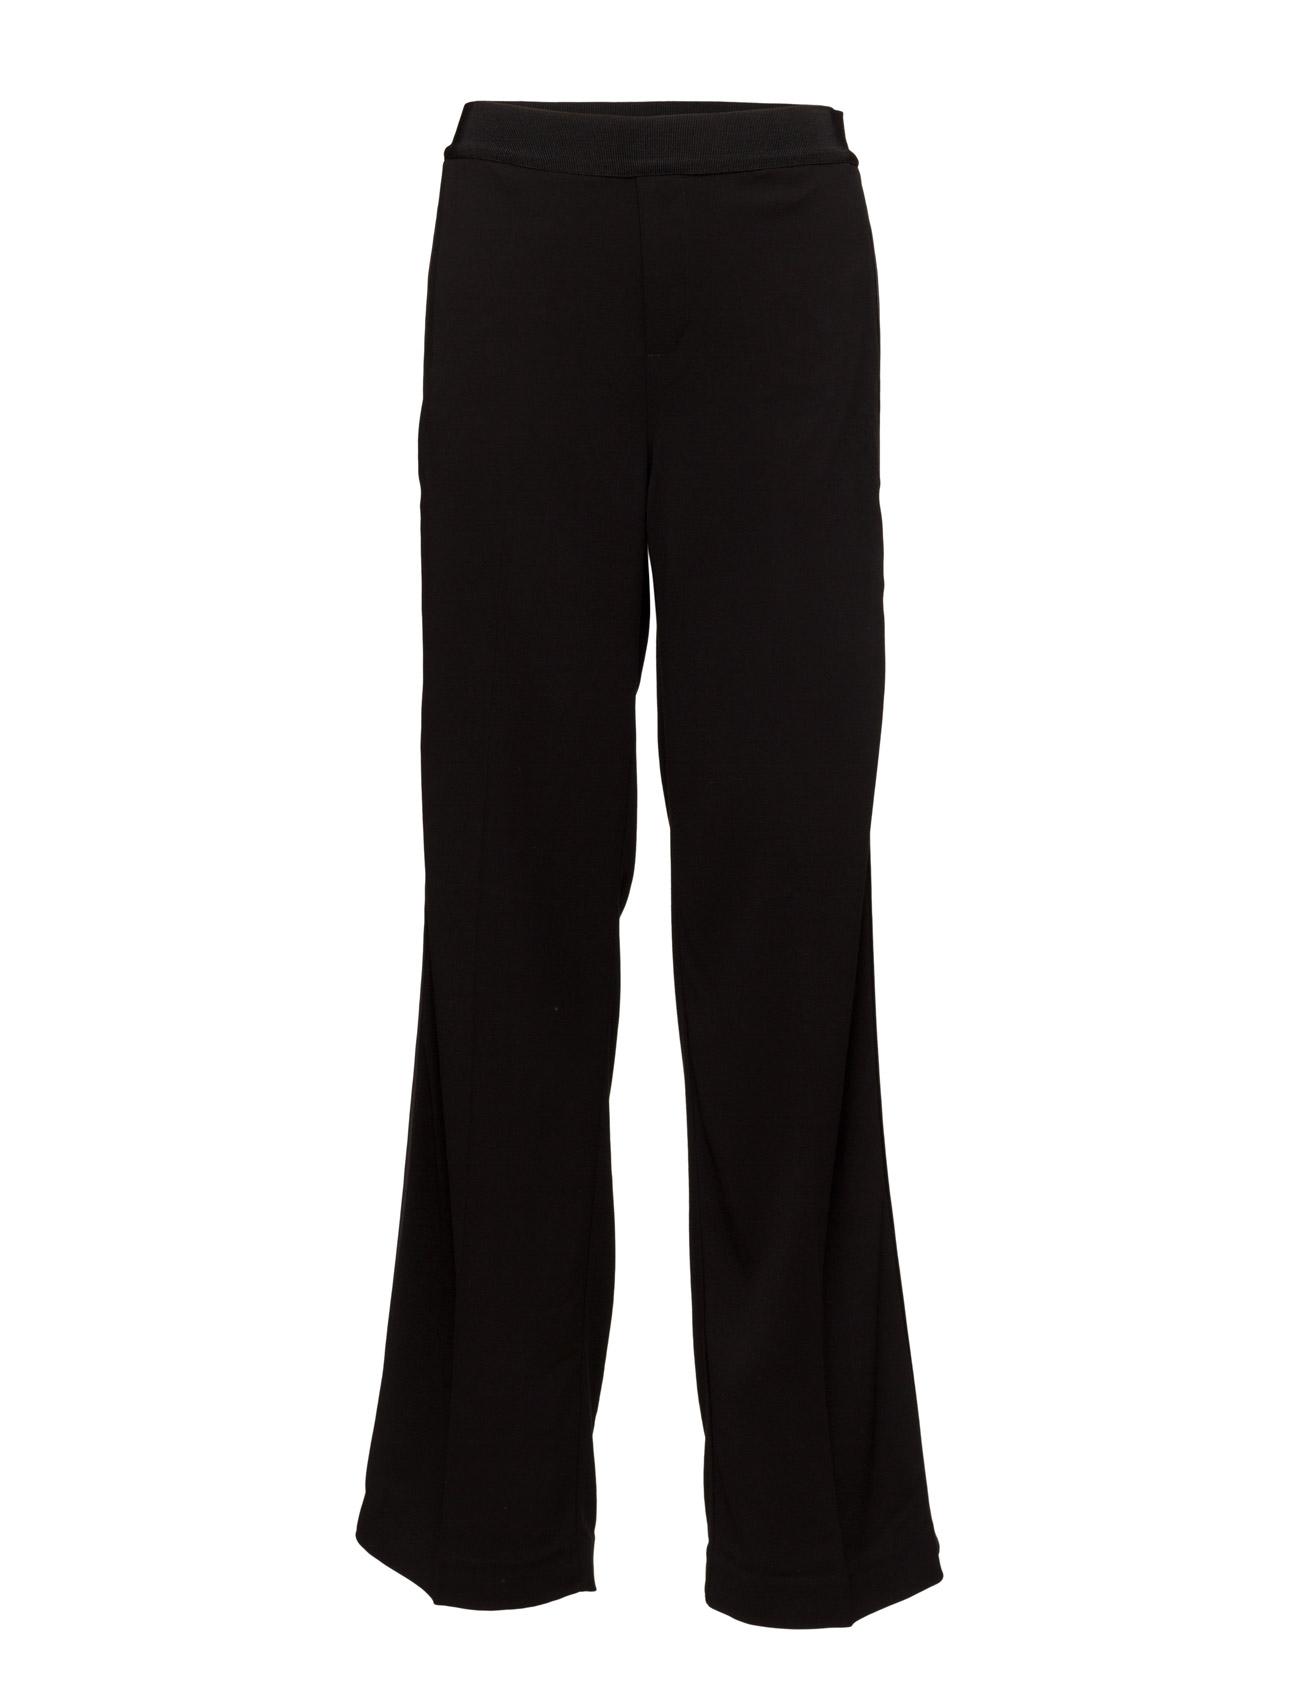 Chica Wide Pant Hw InWear Bukser til Kvinder i Sort